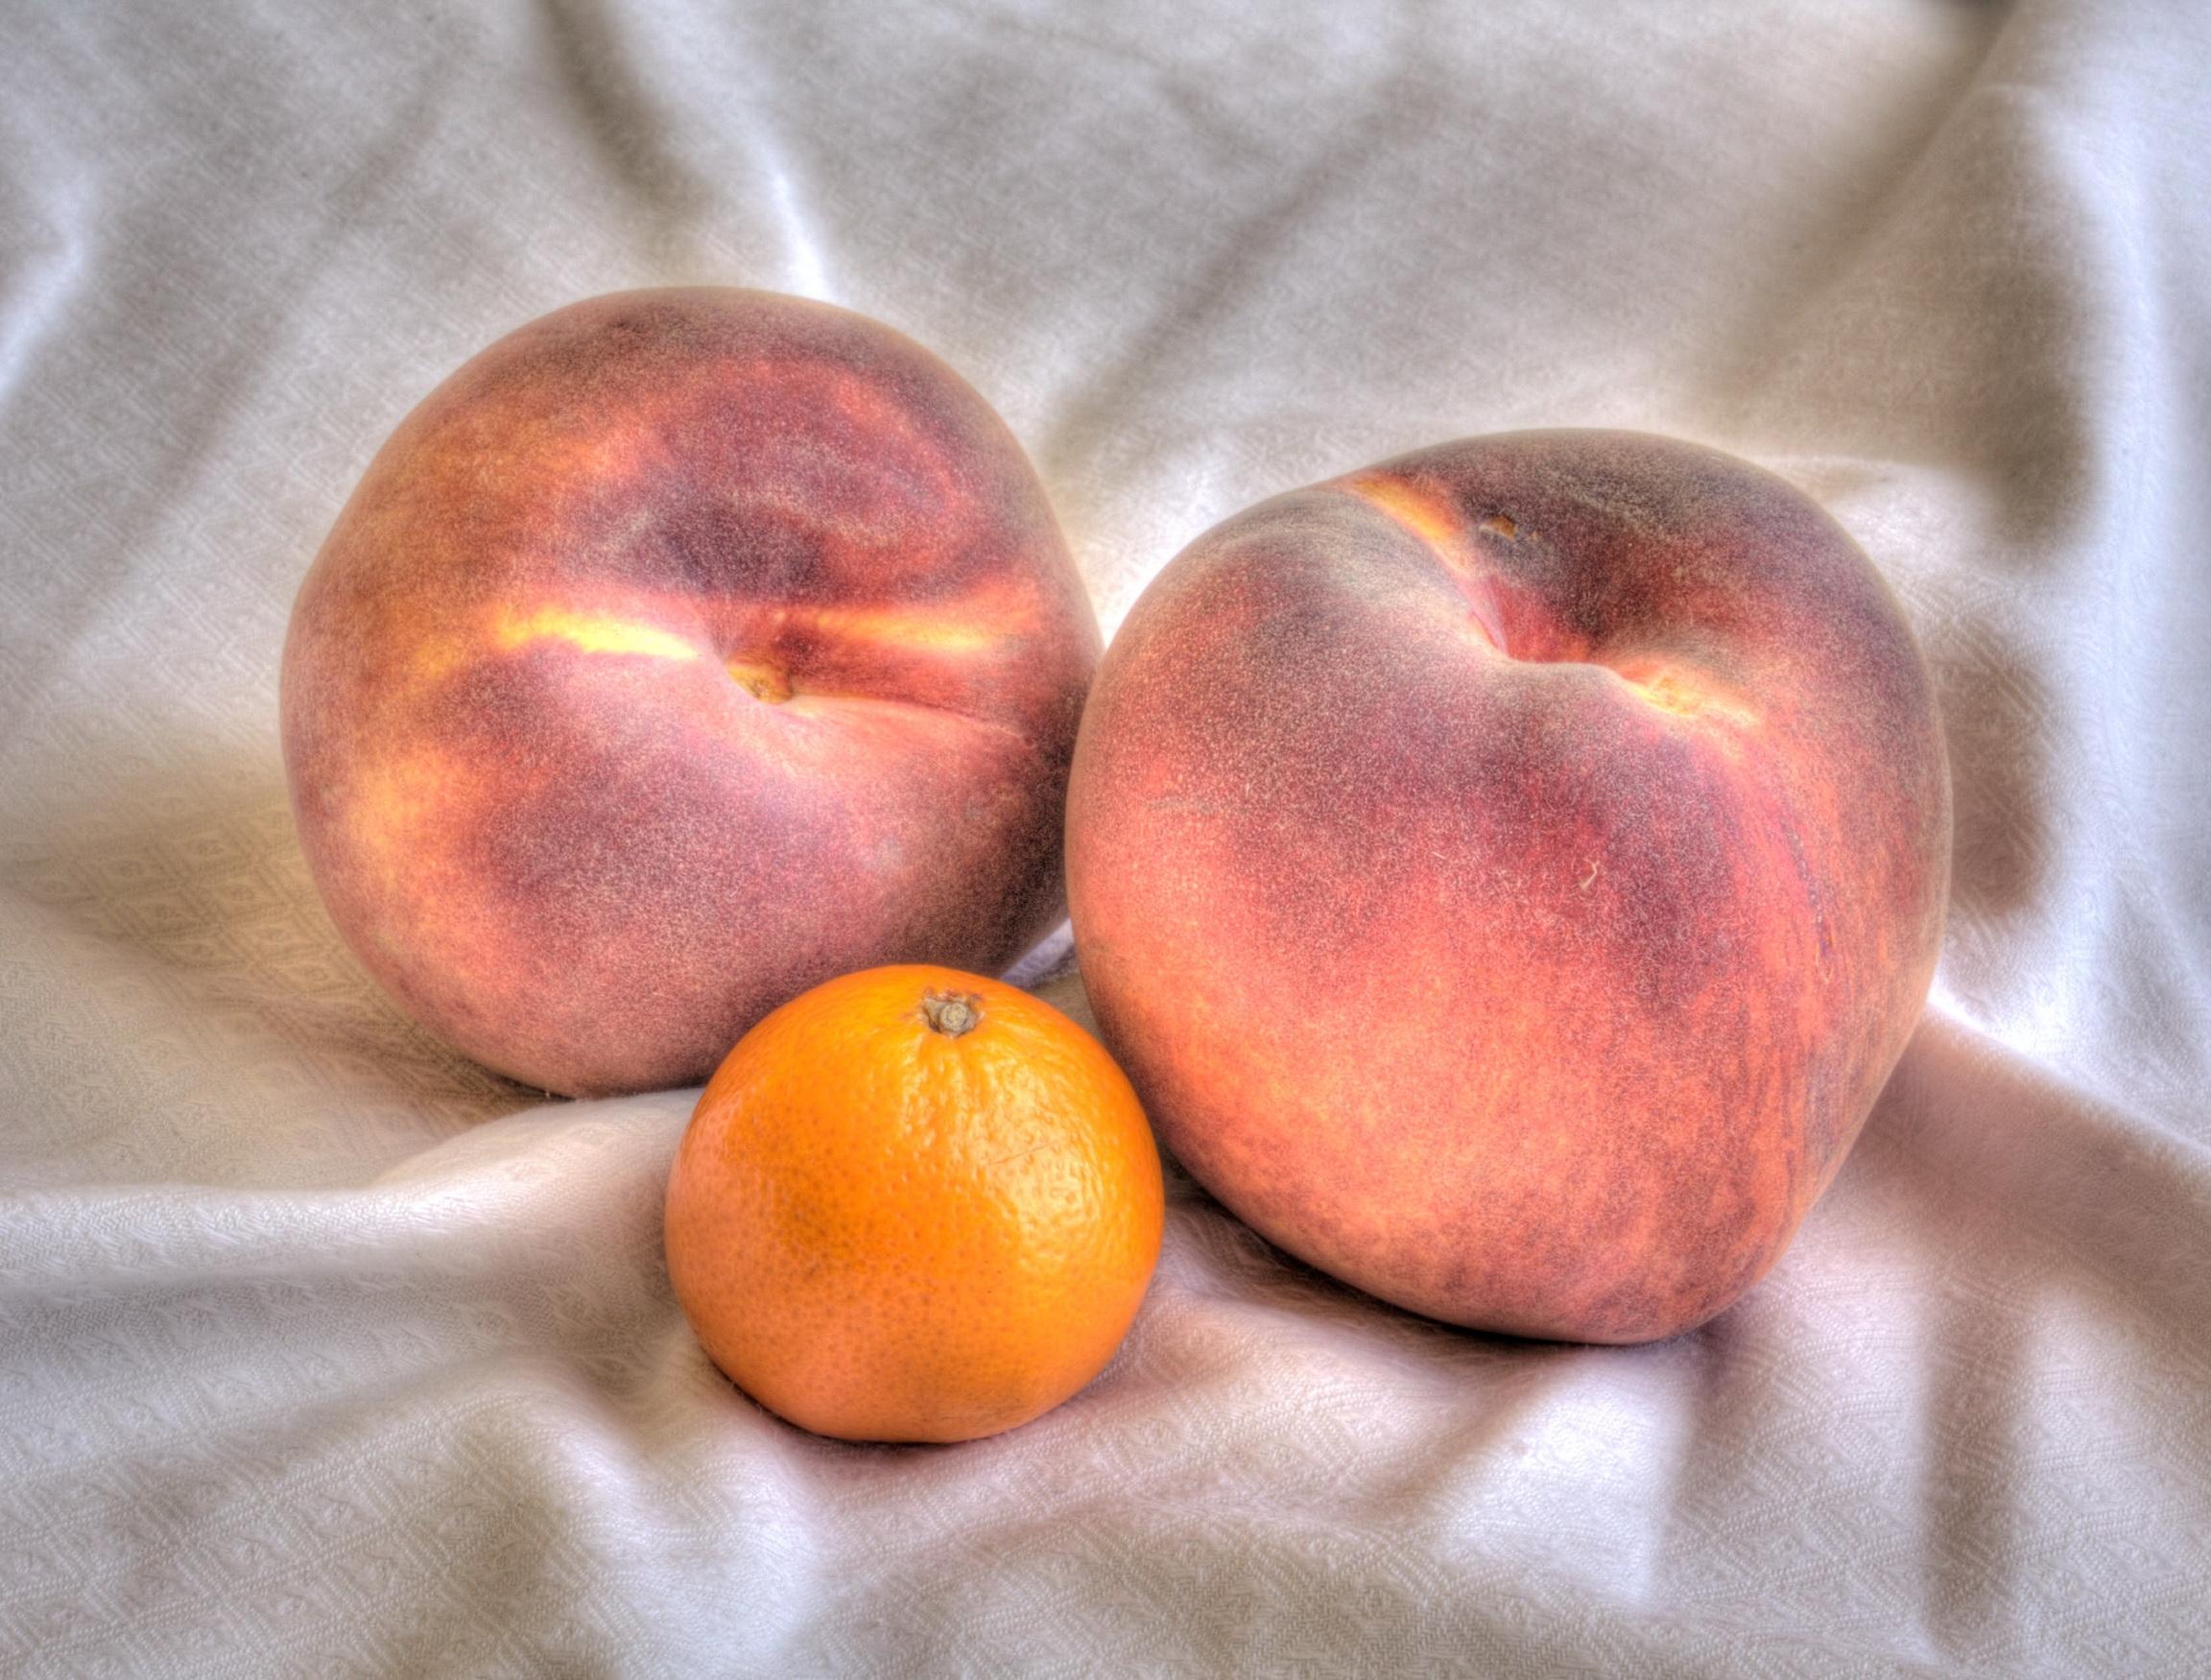 Masaüstü Boyama Gıda Meyve Mandalina şeftali üretmek Kara